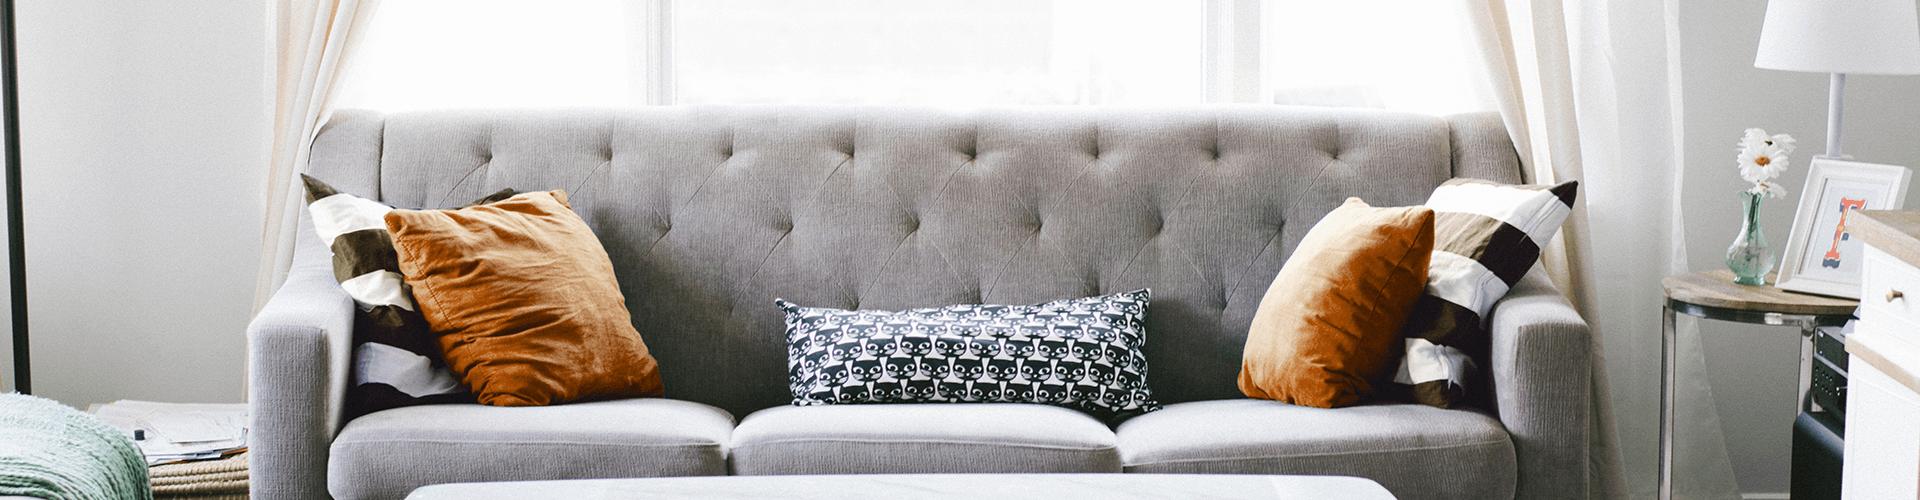 hygge home design